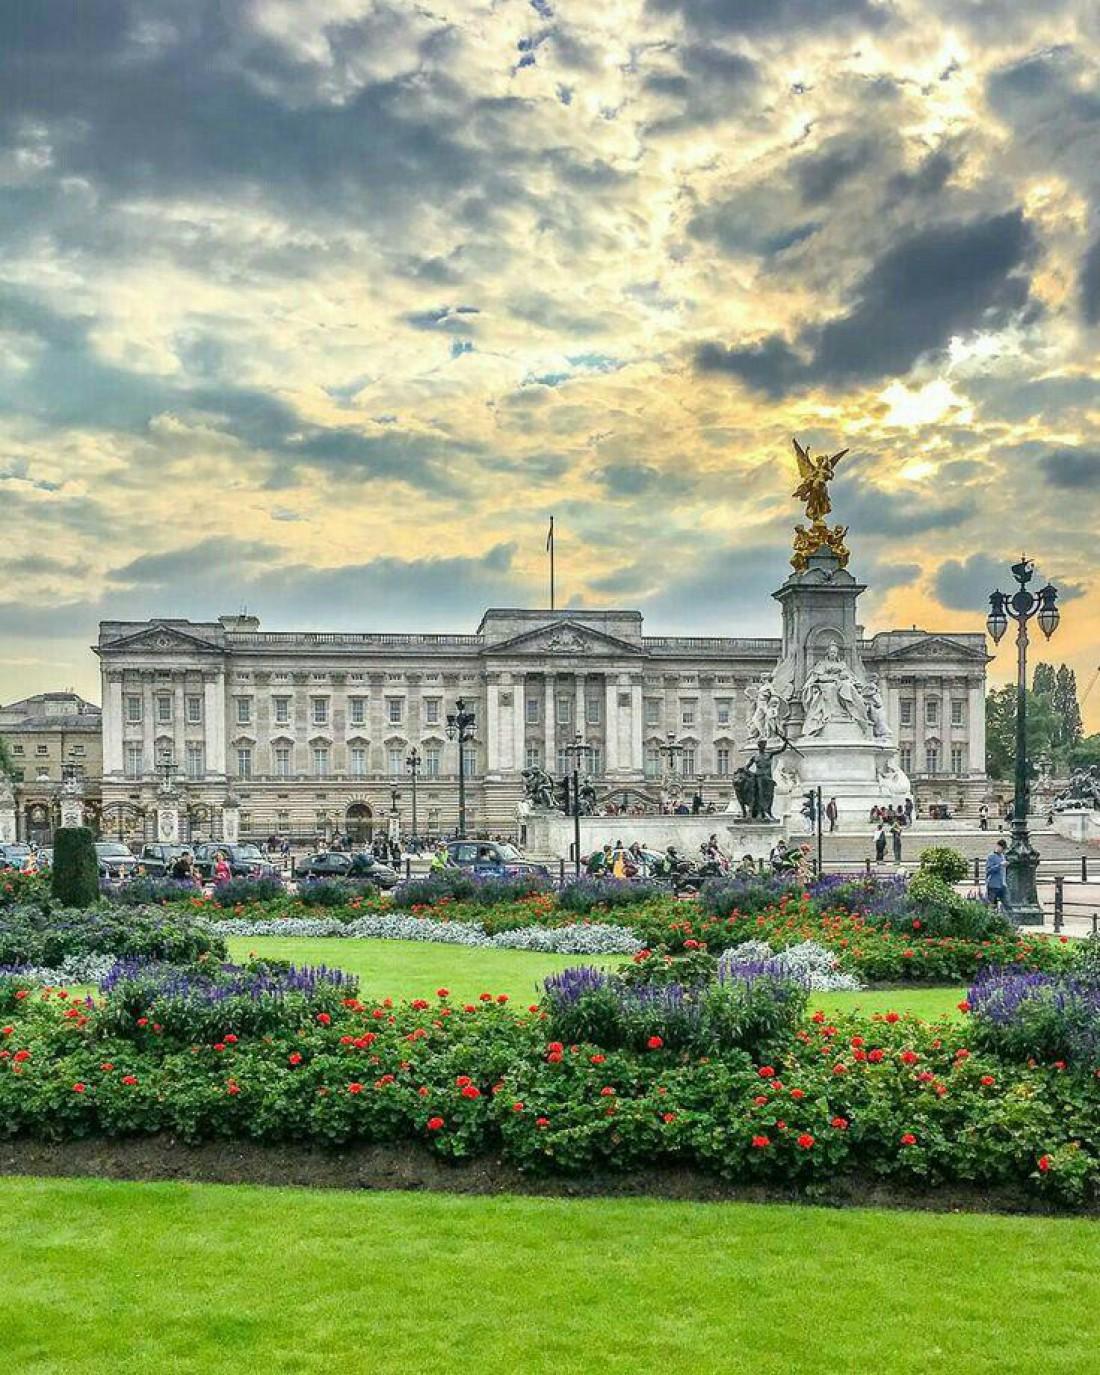 Букингемский дворец - официальная резиденция королевской семьи